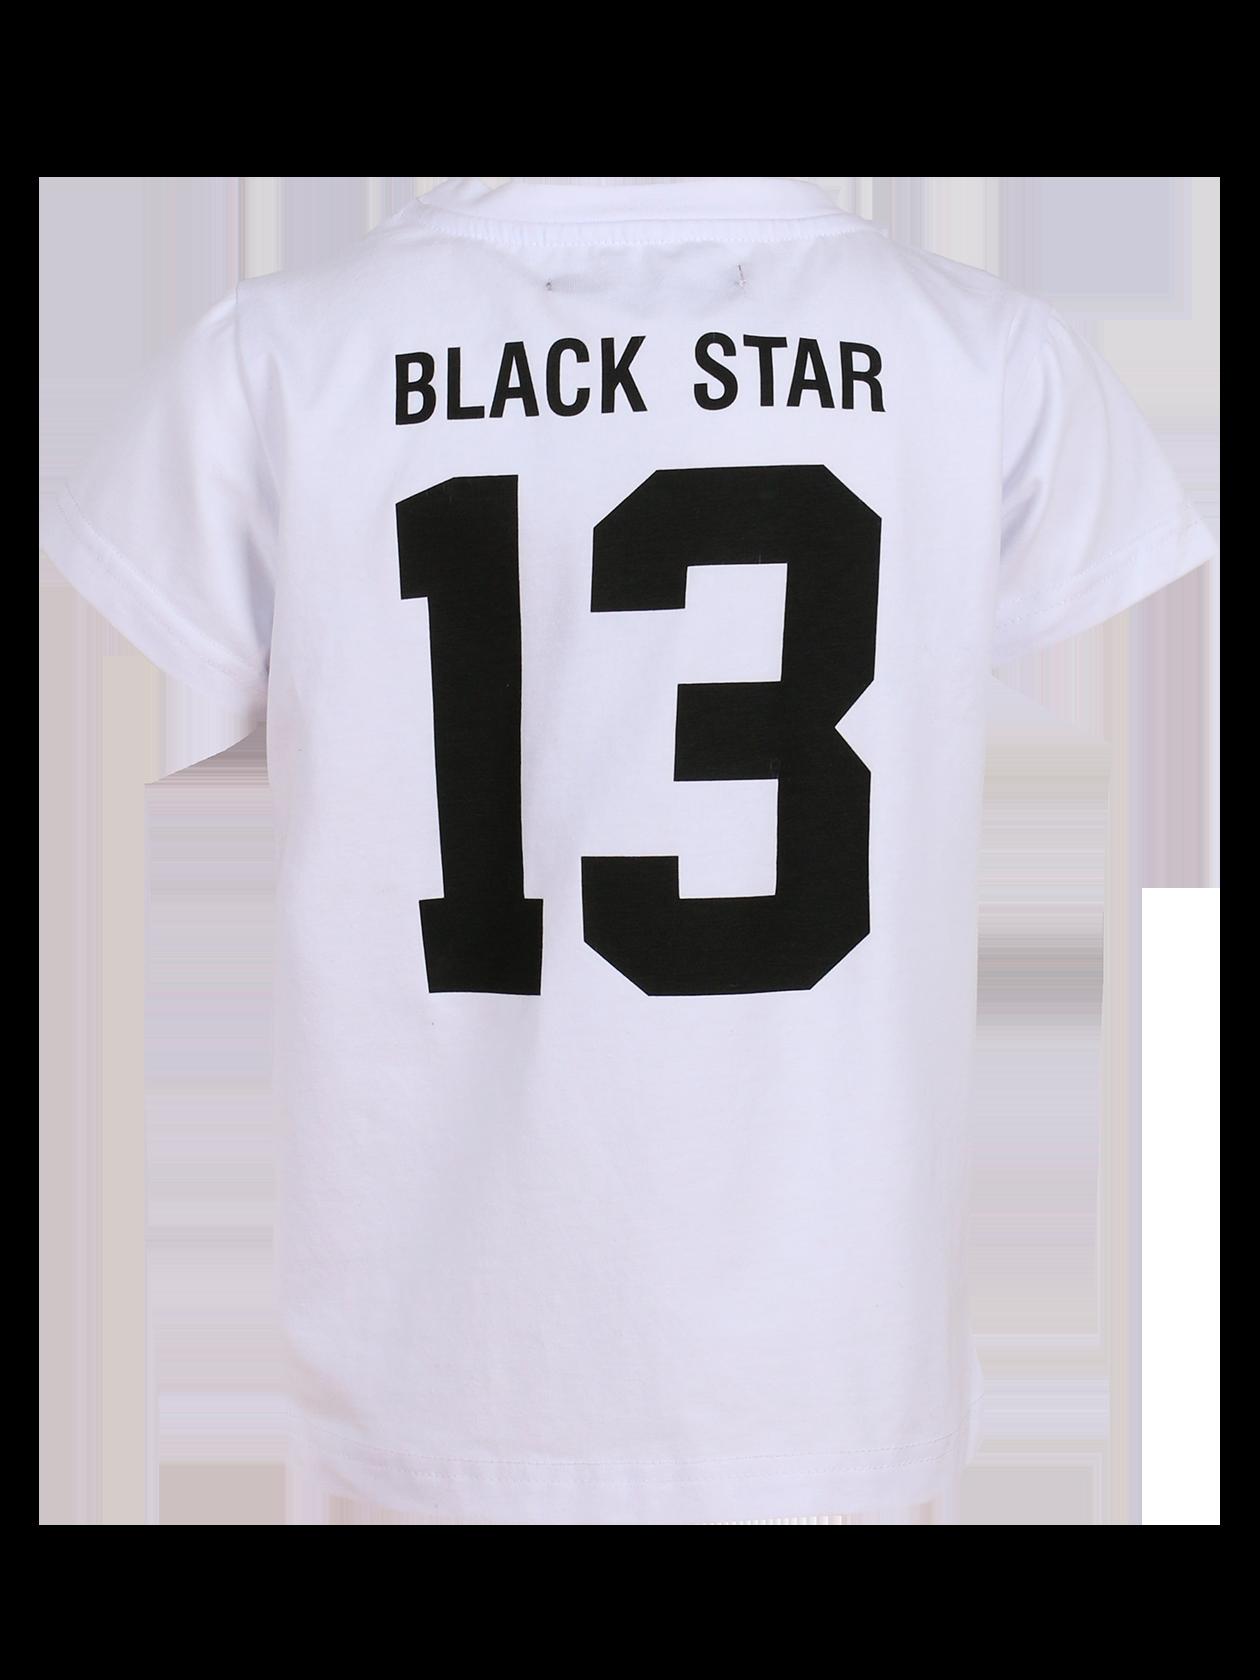 Teens t-shirt BLACK STAR 13Футболка подростковая Black Star 13 из новой линии одежды Basic – прекрасный выбор на каждый день. Сочетание стиля и комфорта делает эту модель незаменимой базовой вещью в гардеробе активных молодых людей. Прямой крой, свободный силуэт, короткий рукав и всегда актуальный черный цвет. Лаконичный дизайн дополнен контрастным белым принтом с надписью Black Star 13. Материал – 100% хлопок. Цена на изделие стала на 25% привлекательнее.<br><br>size: 12-14 years<br>color: White<br>gender: unisex